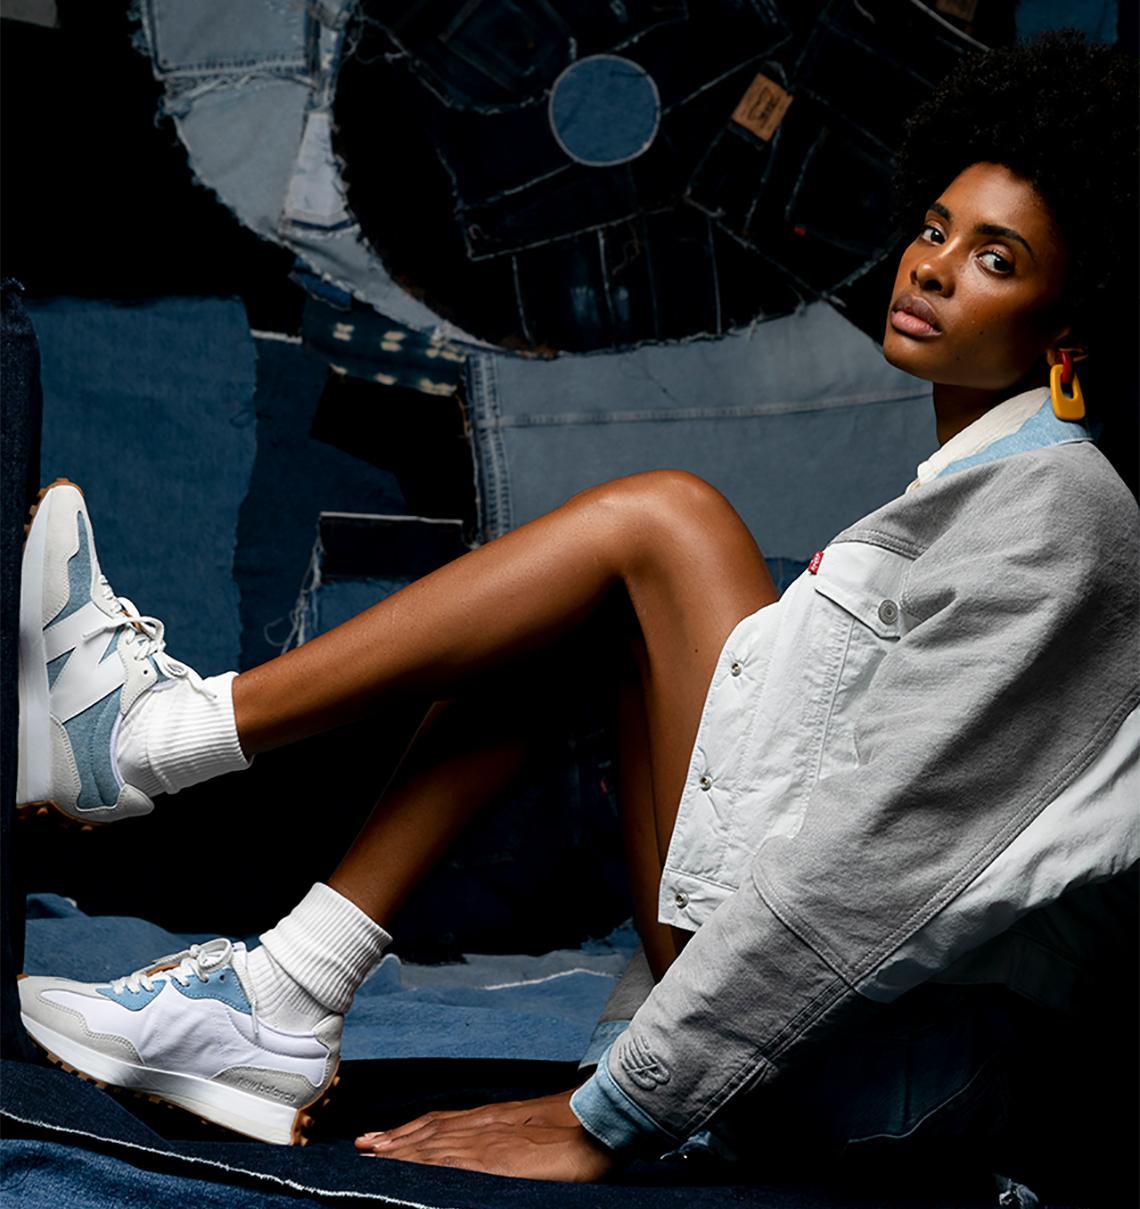 người mẫu mang giày thể thao NEW BALANCE 327 x LEVI'S